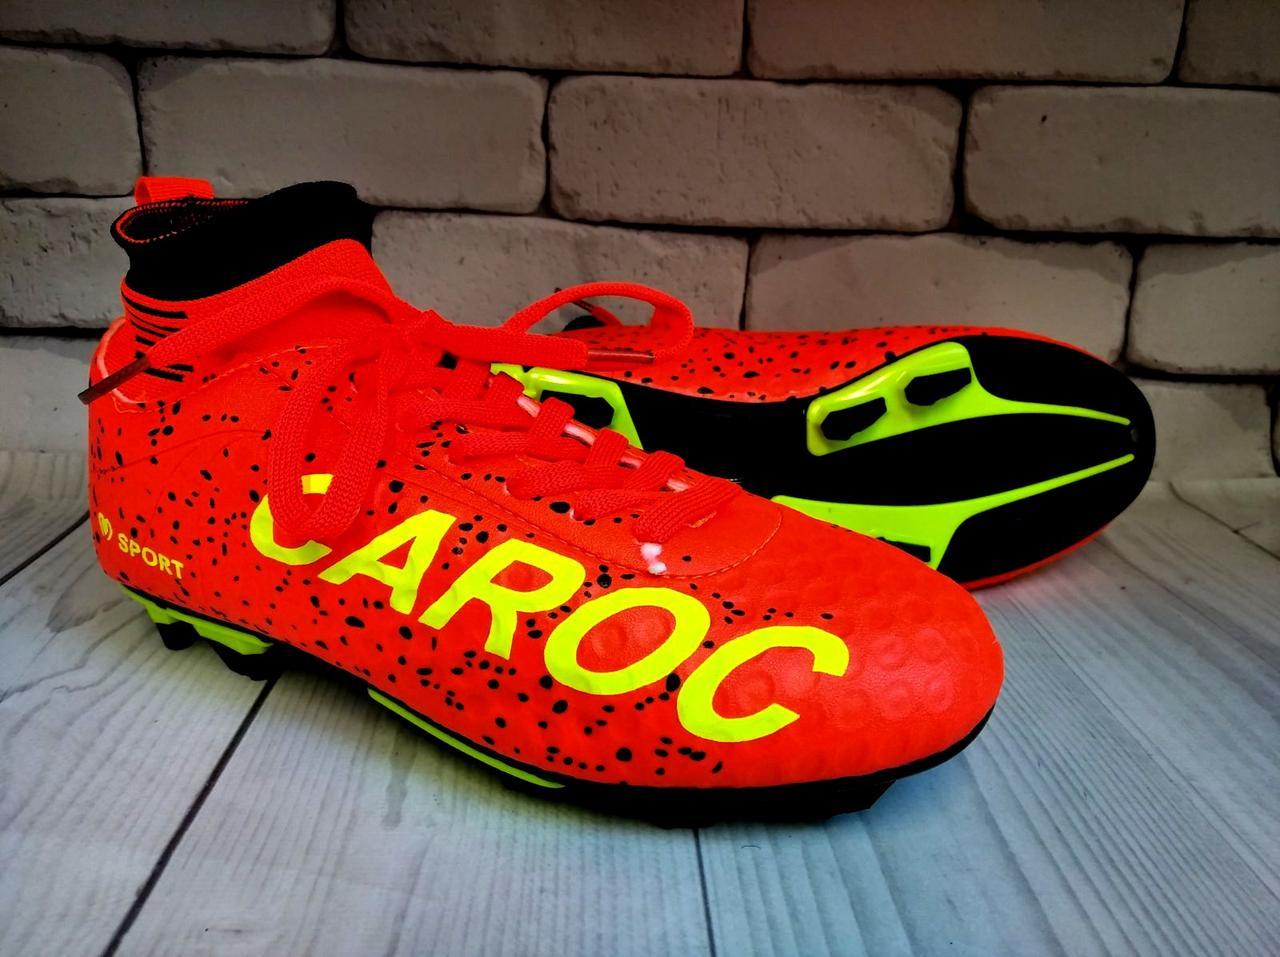 Футбольні бутси з шкарпеткою Caroc 41 р